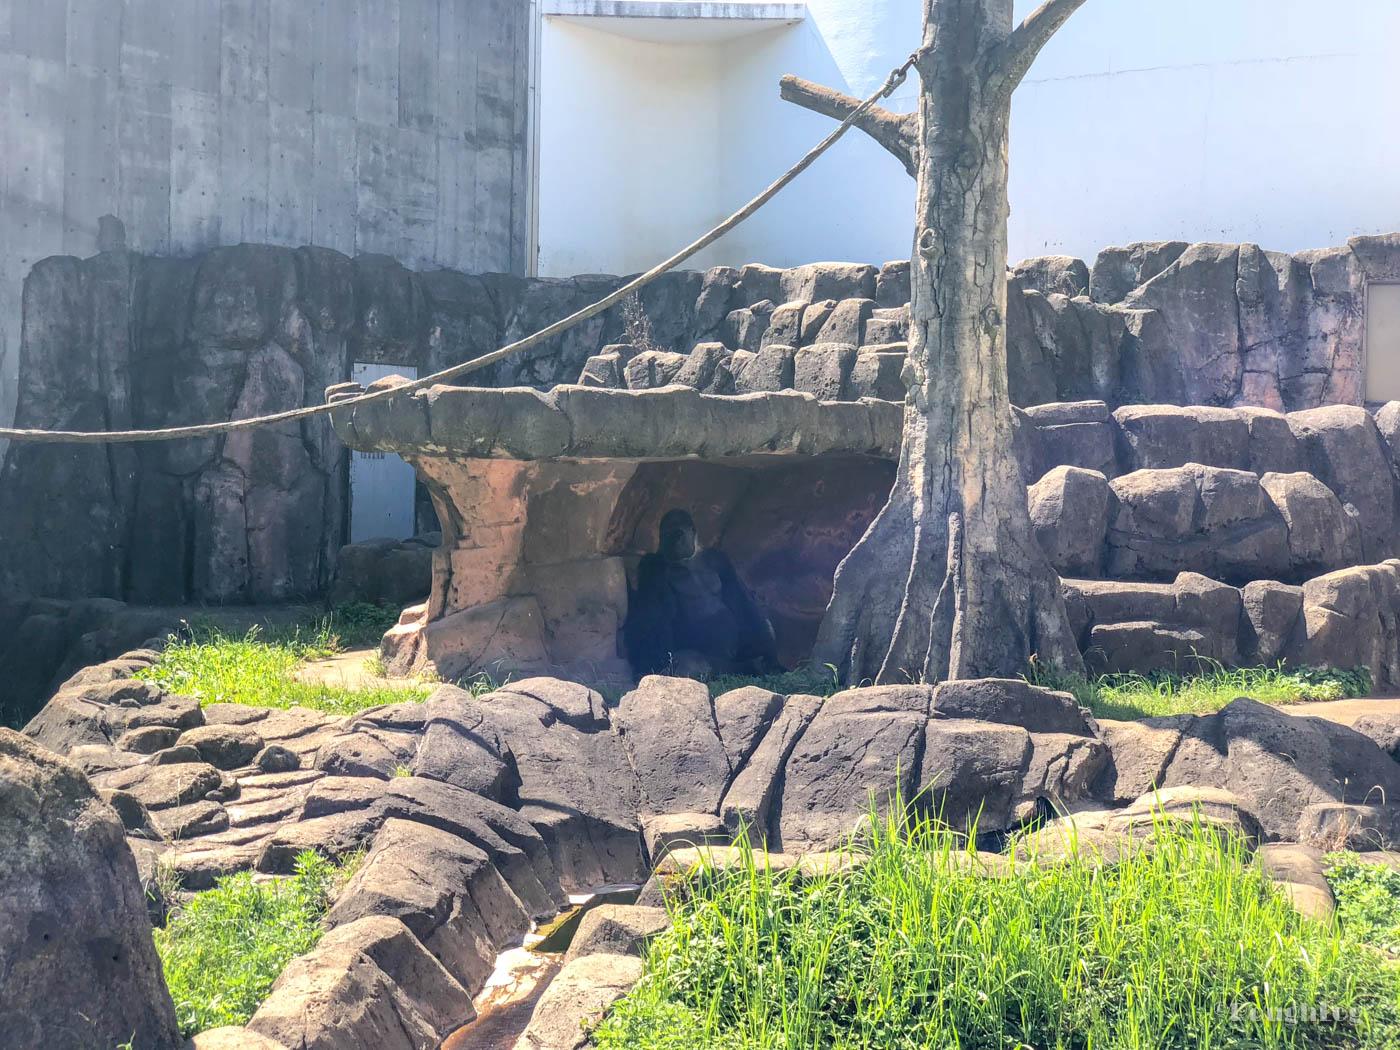 千葉市動物公園のモンキーゾーンにいるゴリラ